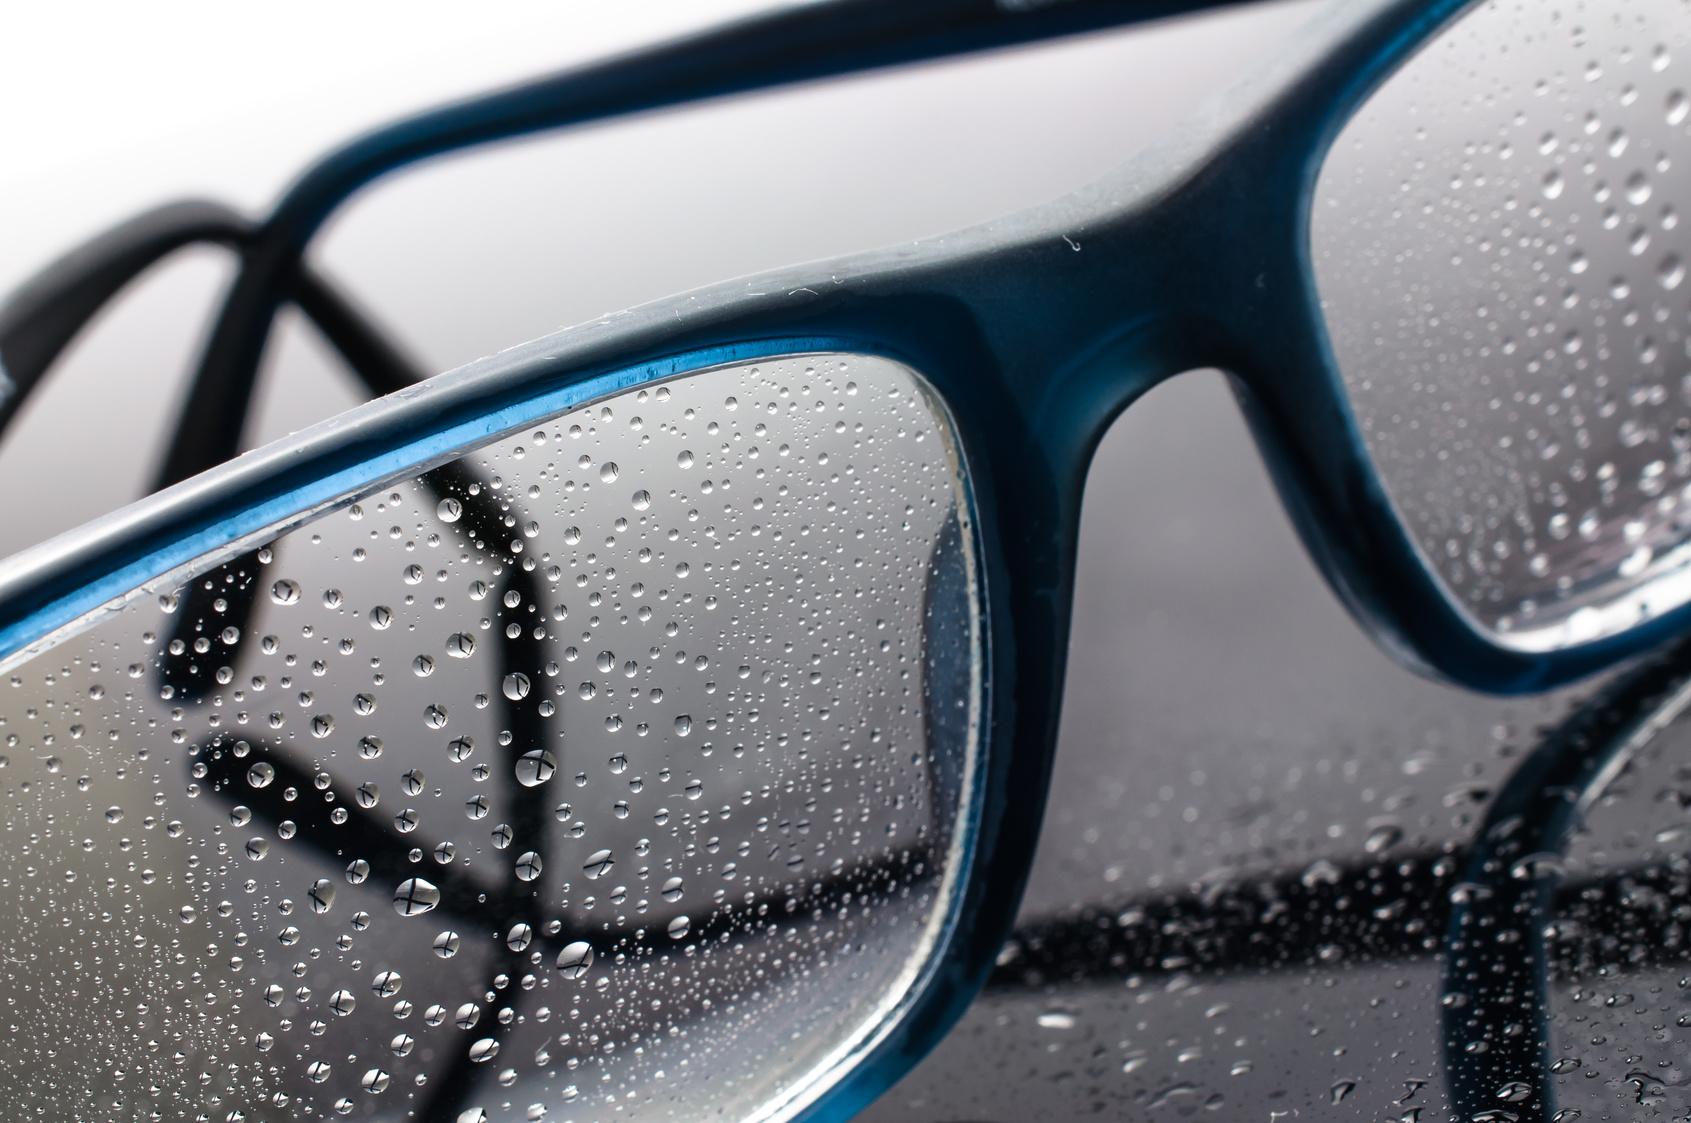 brille beschlägt